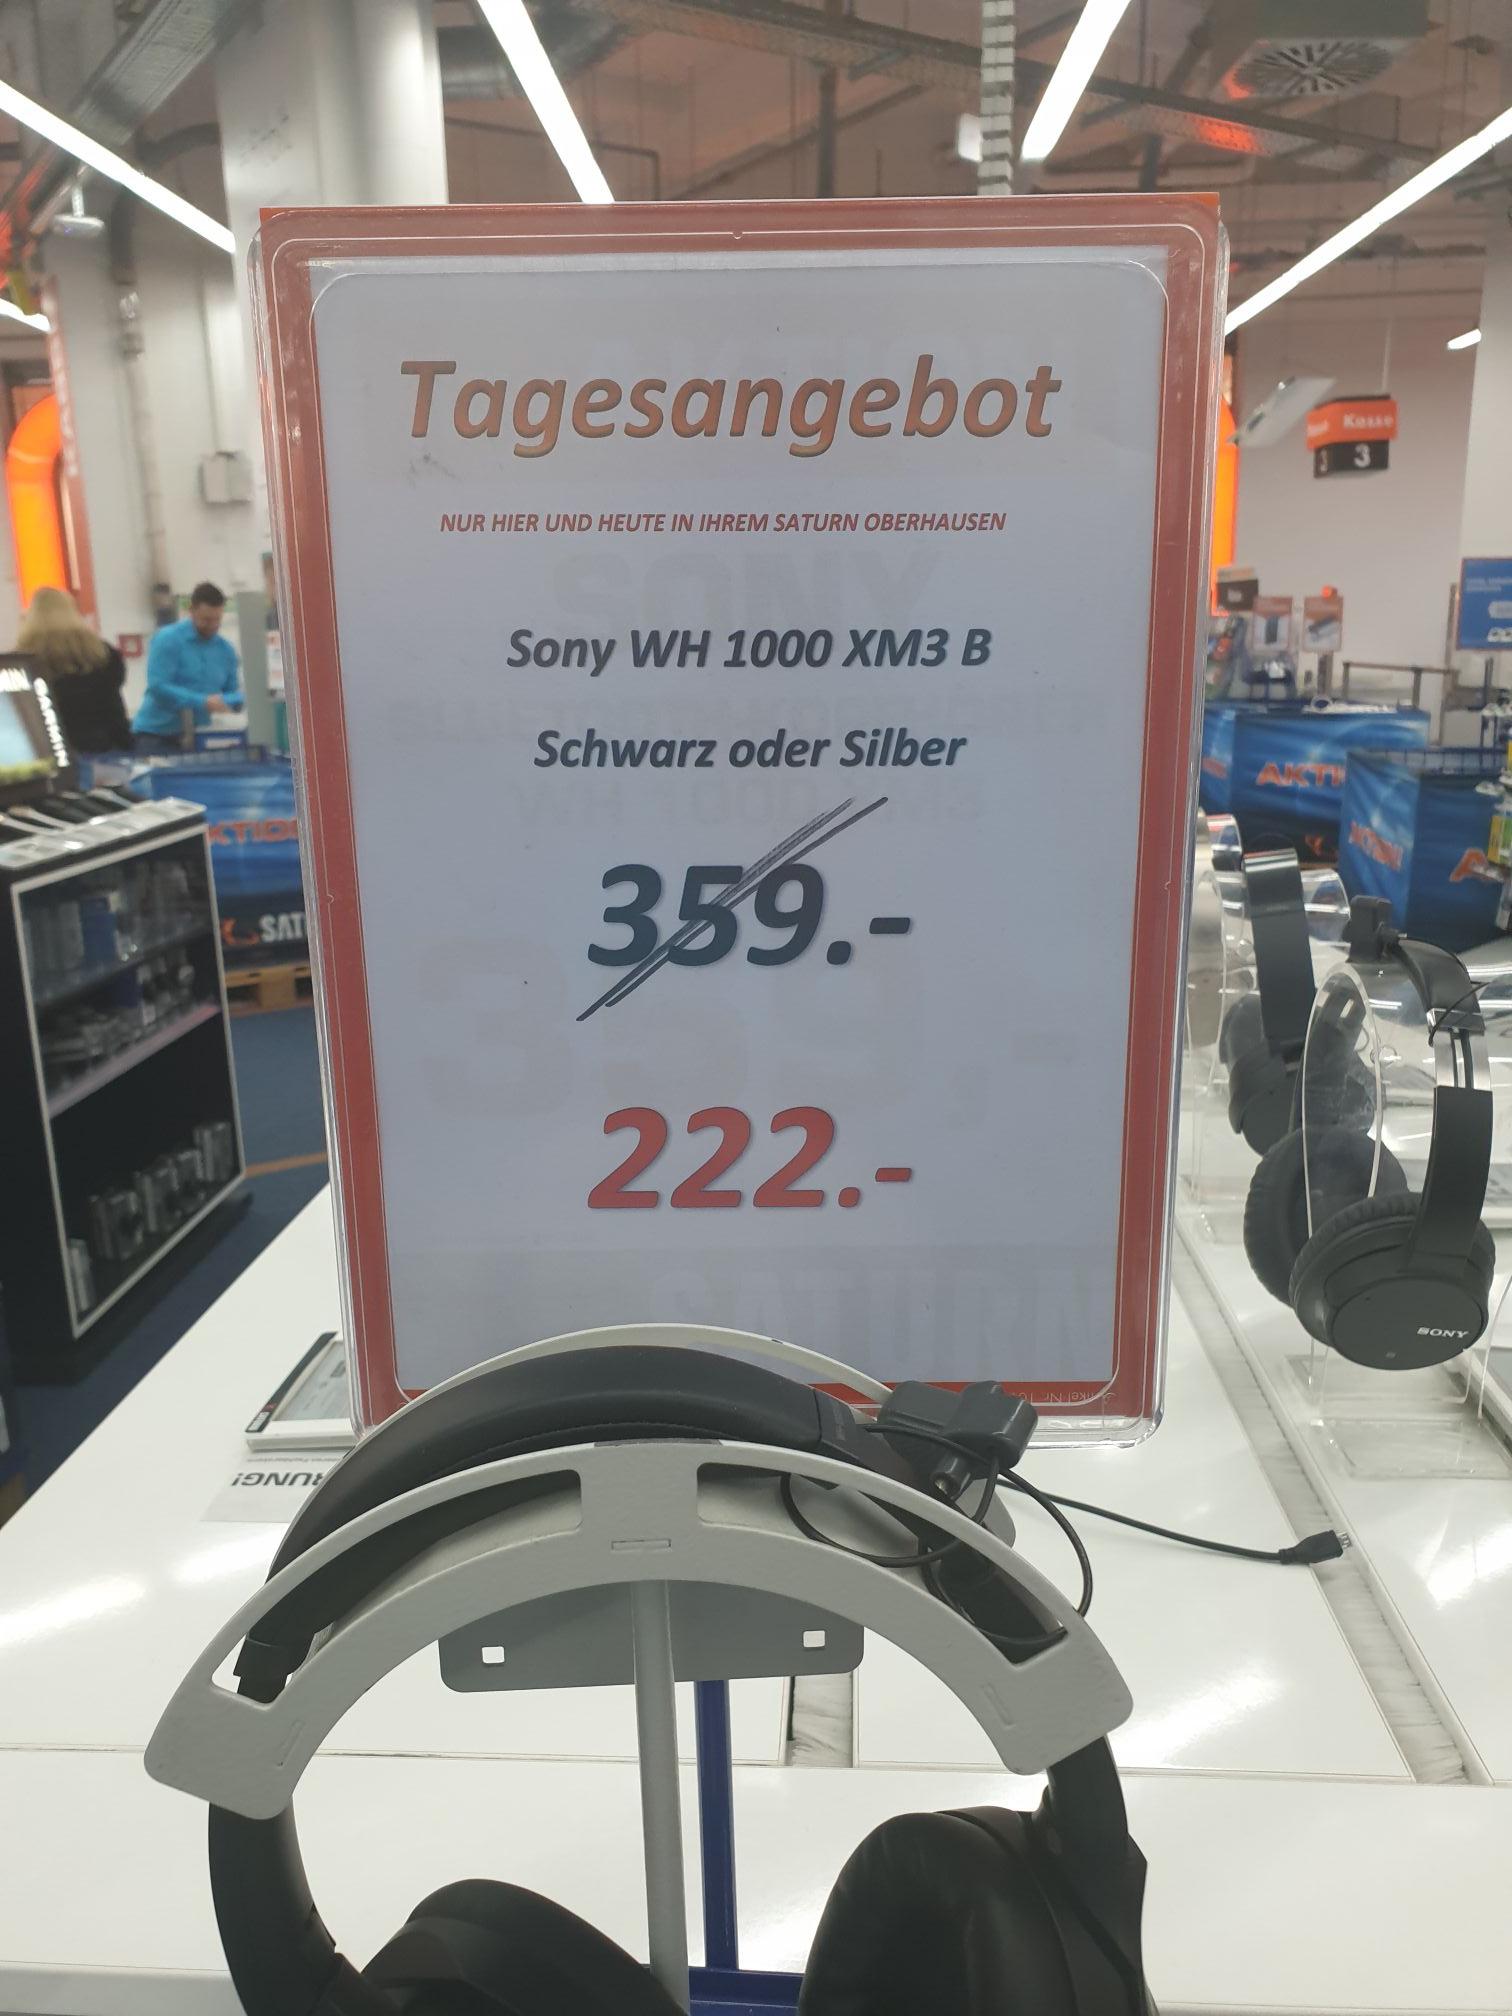 Saturn Oberhausen CentrO lokal Bestpreis Sony WH 1000 m3 in schwarz und silber